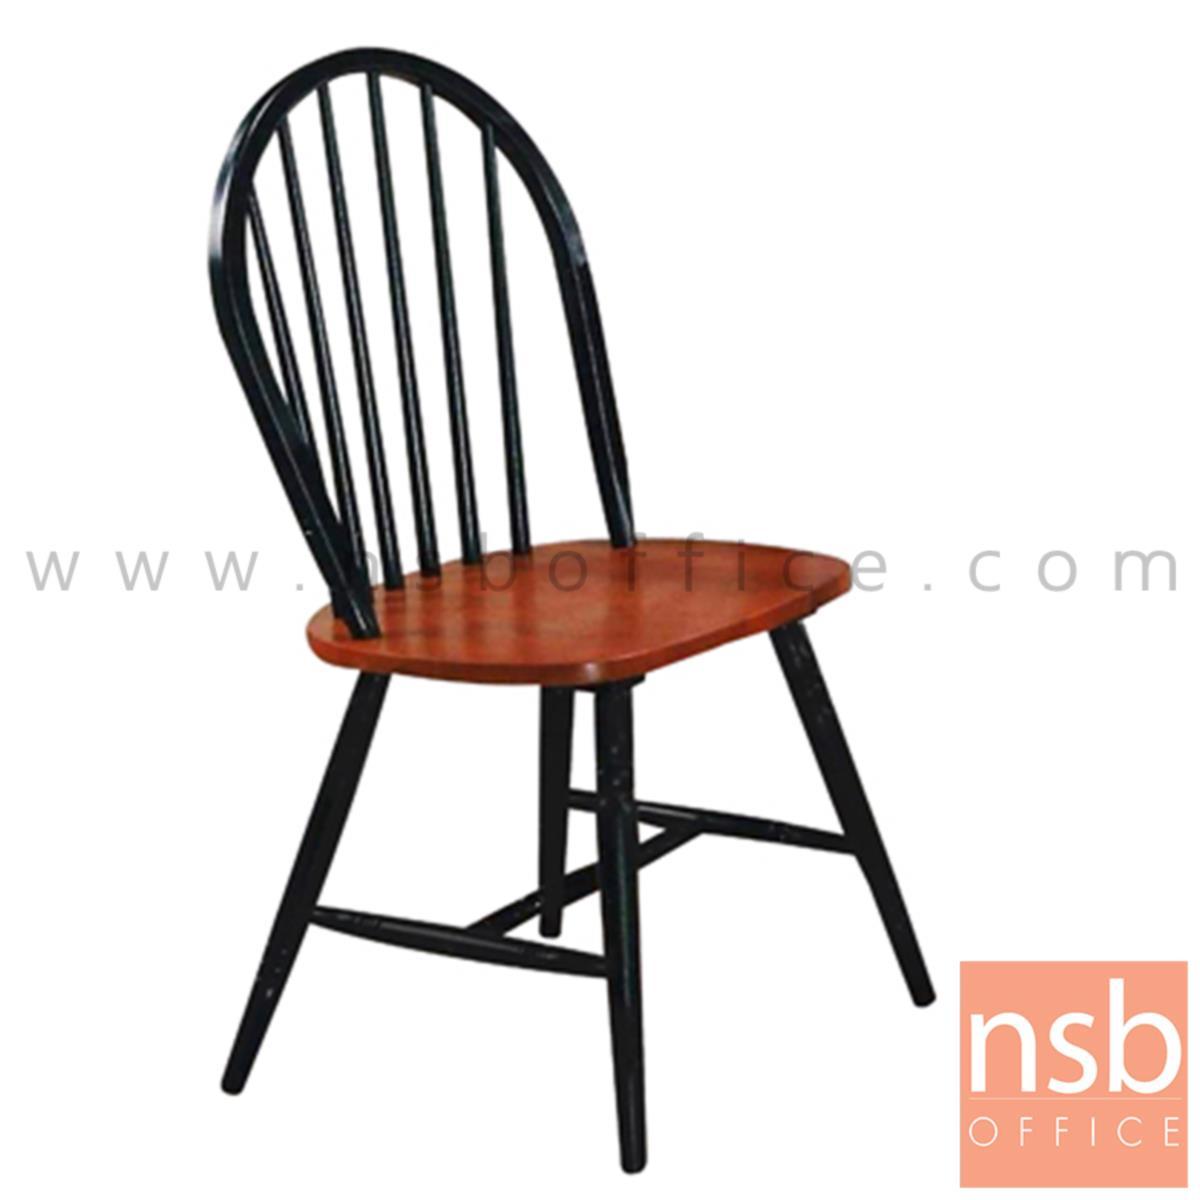 B22A131:เก้าอี้โมเดิร์นไม้จริง รุ่น Comigel (โคมิเกล) ขนาด 44W cm. ขาไม้